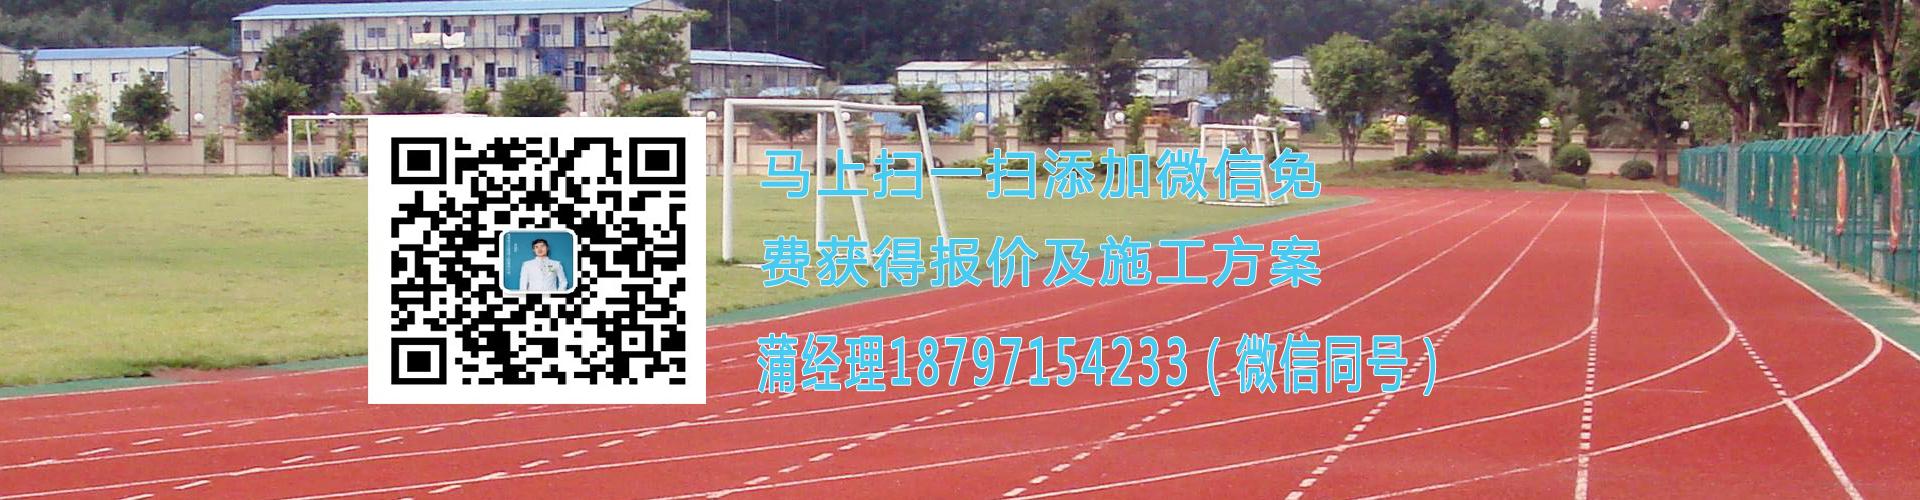 青海AG亚游非同凡享地坪工程有限公司